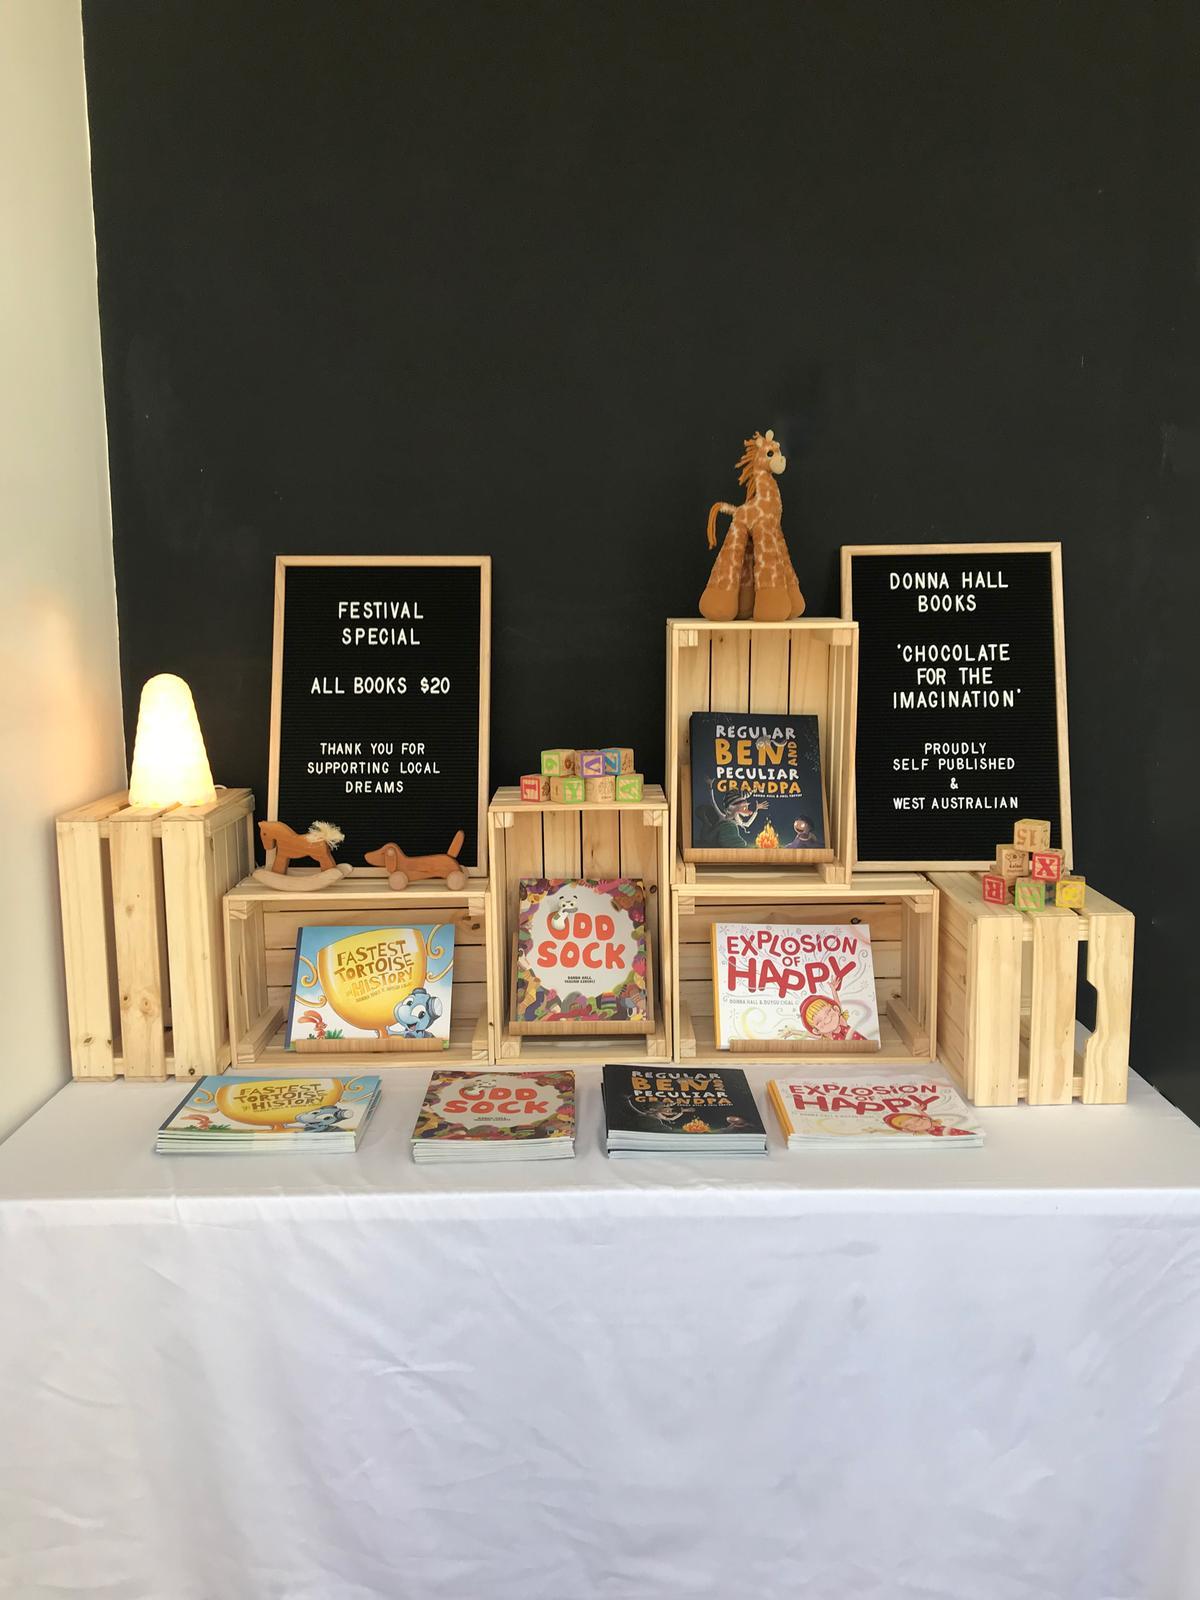 Donna Hall stall display